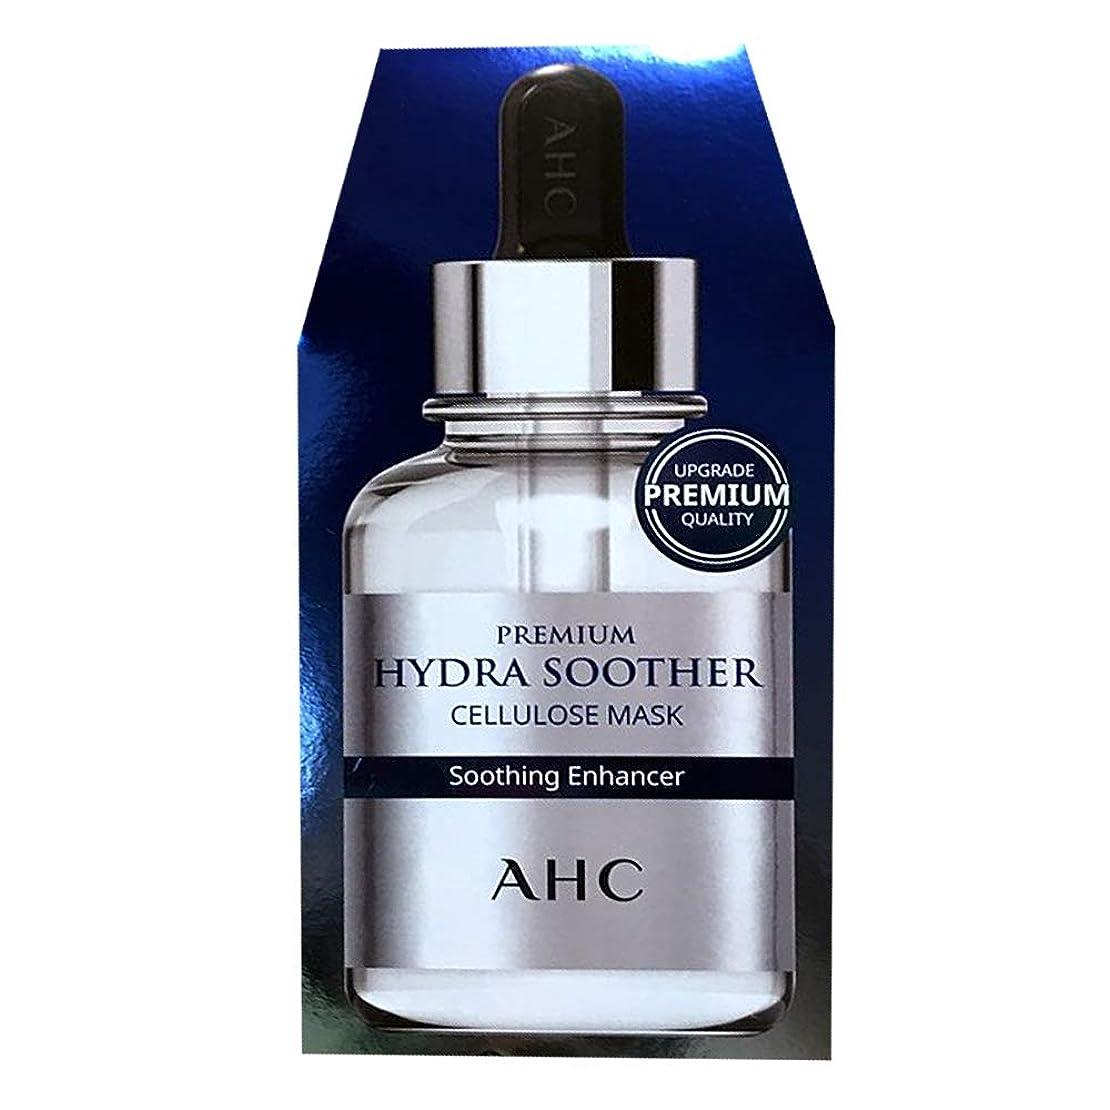 紳士気取りの、きざなスケッチ自分のA.H.C (AHC) Premium Hydra Soother Cellulose Mask 27ml × 5EA/A.H.C プレミアム ハイドラ スーザー セルロース マスク 27ml × 5枚